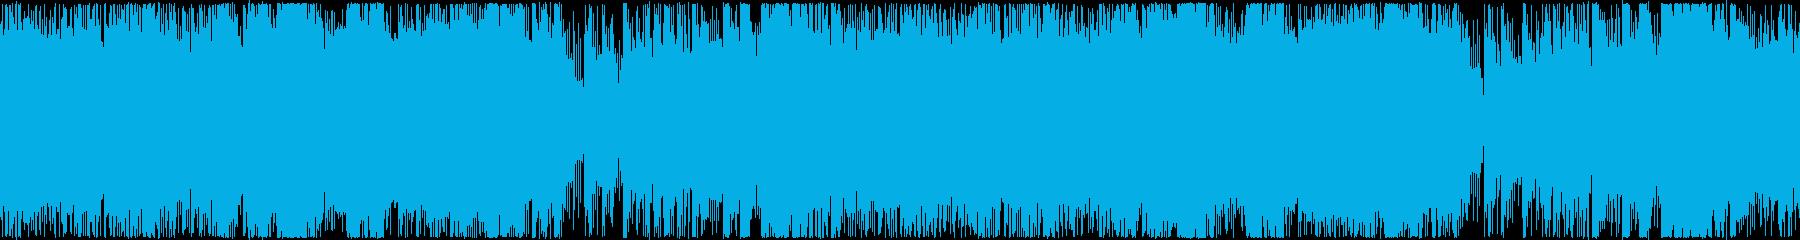 ハロウィン・ホラー・ドラキュラ風楽曲の再生済みの波形